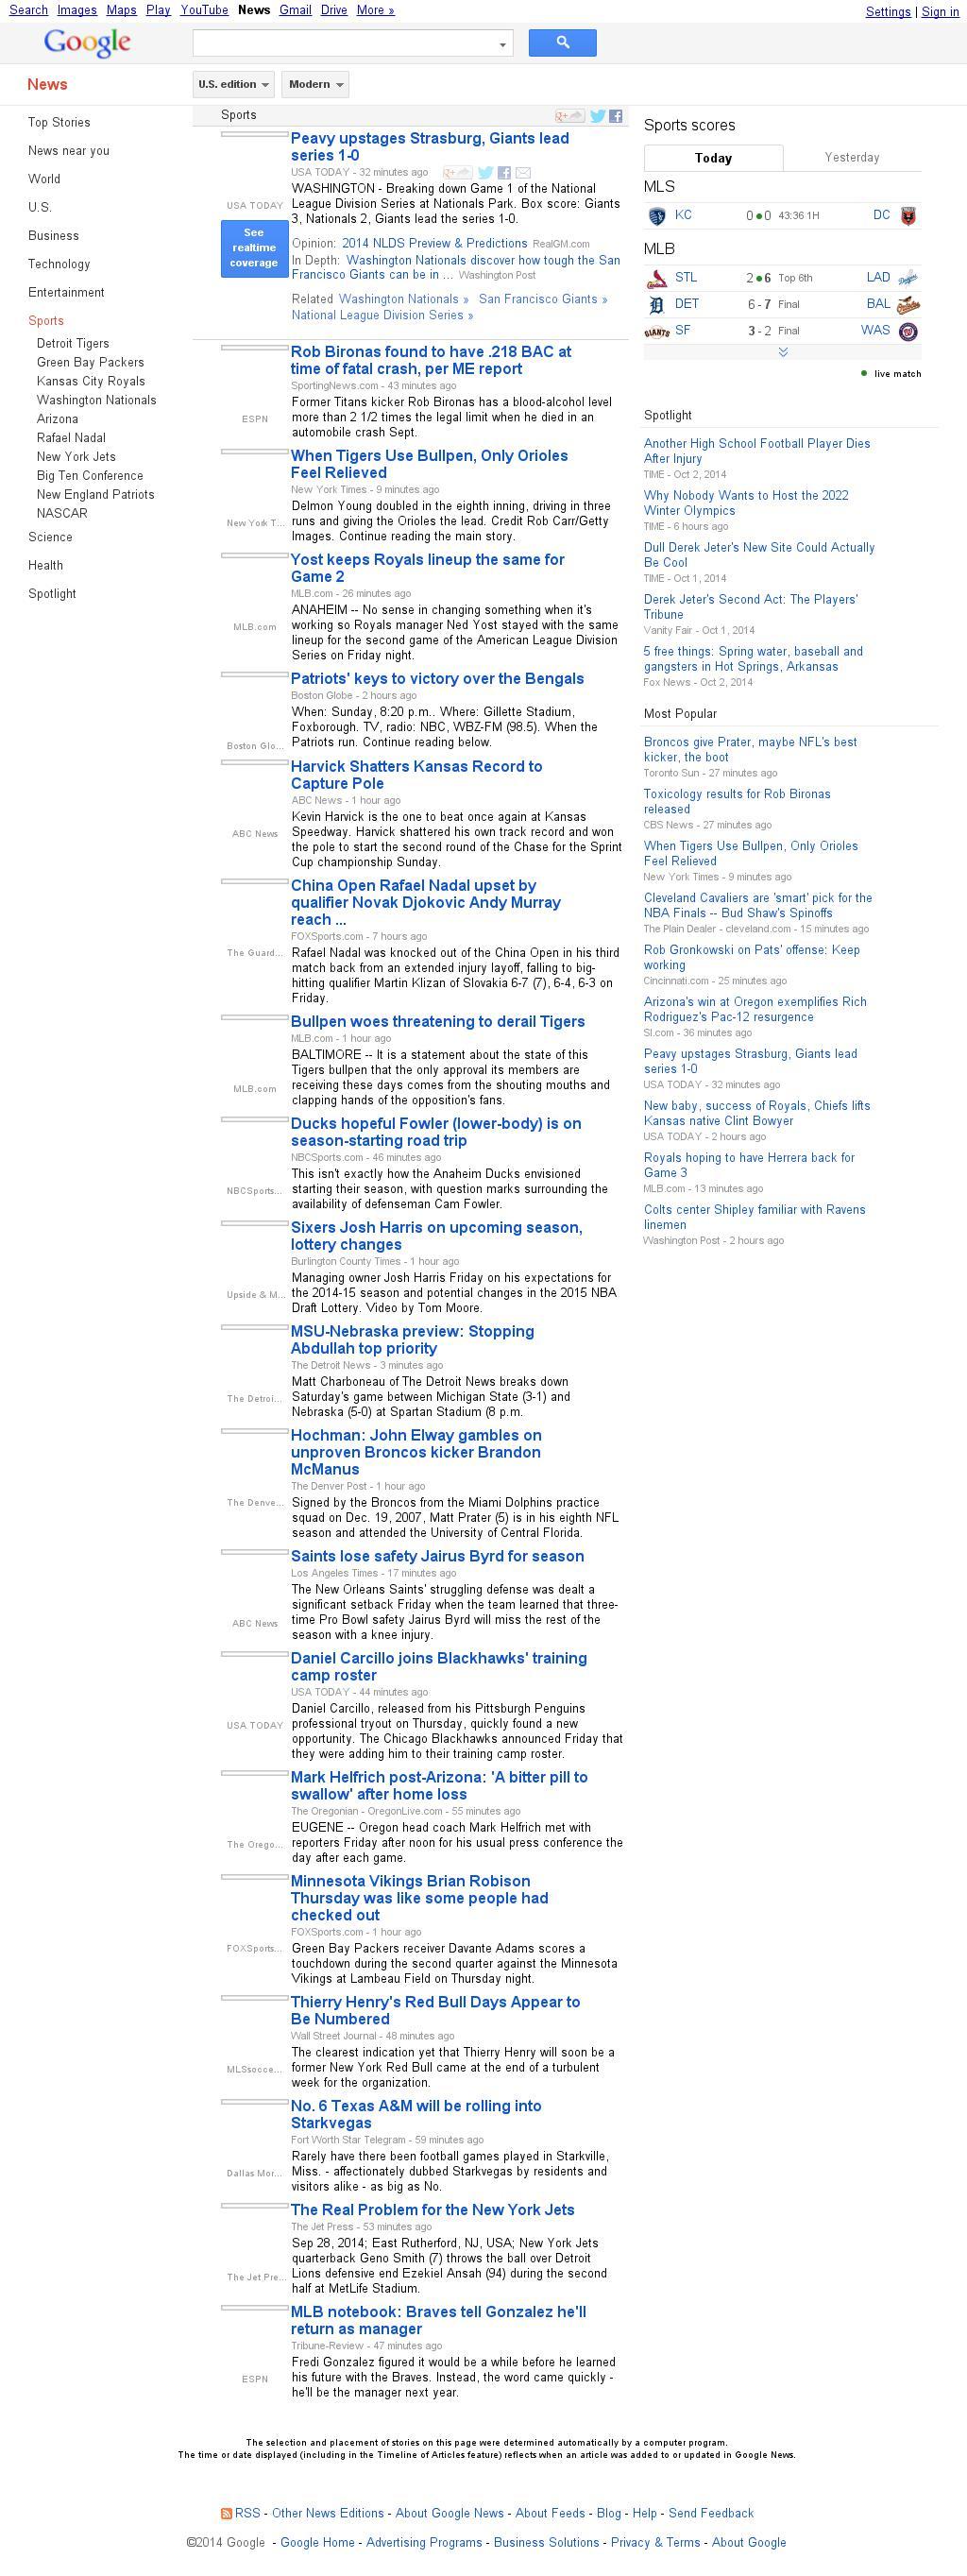 Google News: Sports at Saturday Oct. 4, 2014, 1:10 a.m. UTC